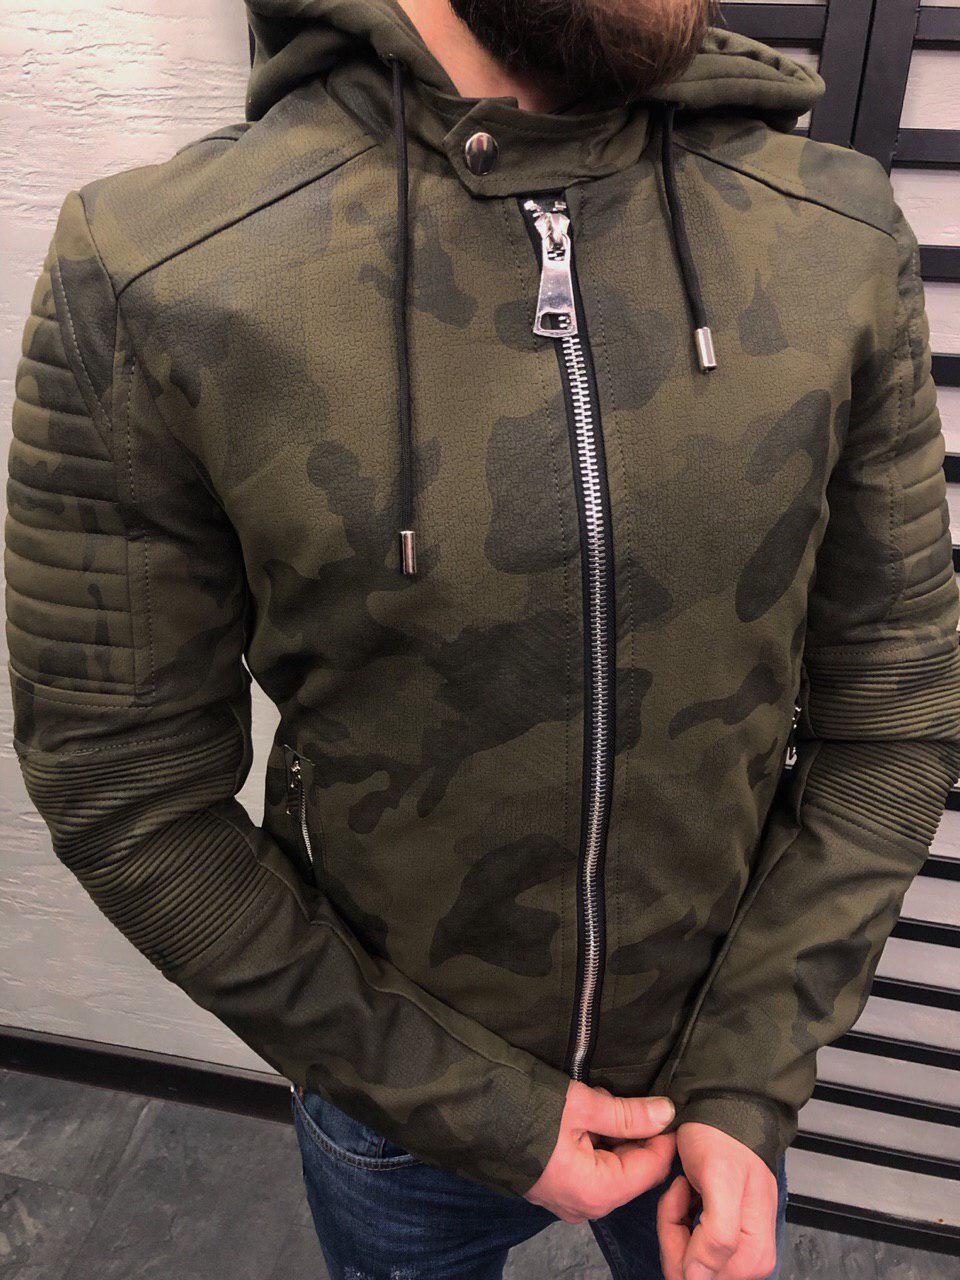 30c153054d8ff Куртка весенняя мужская из кожзама камо - Интернет-магазин обуви и одежды  KedON в Киеве